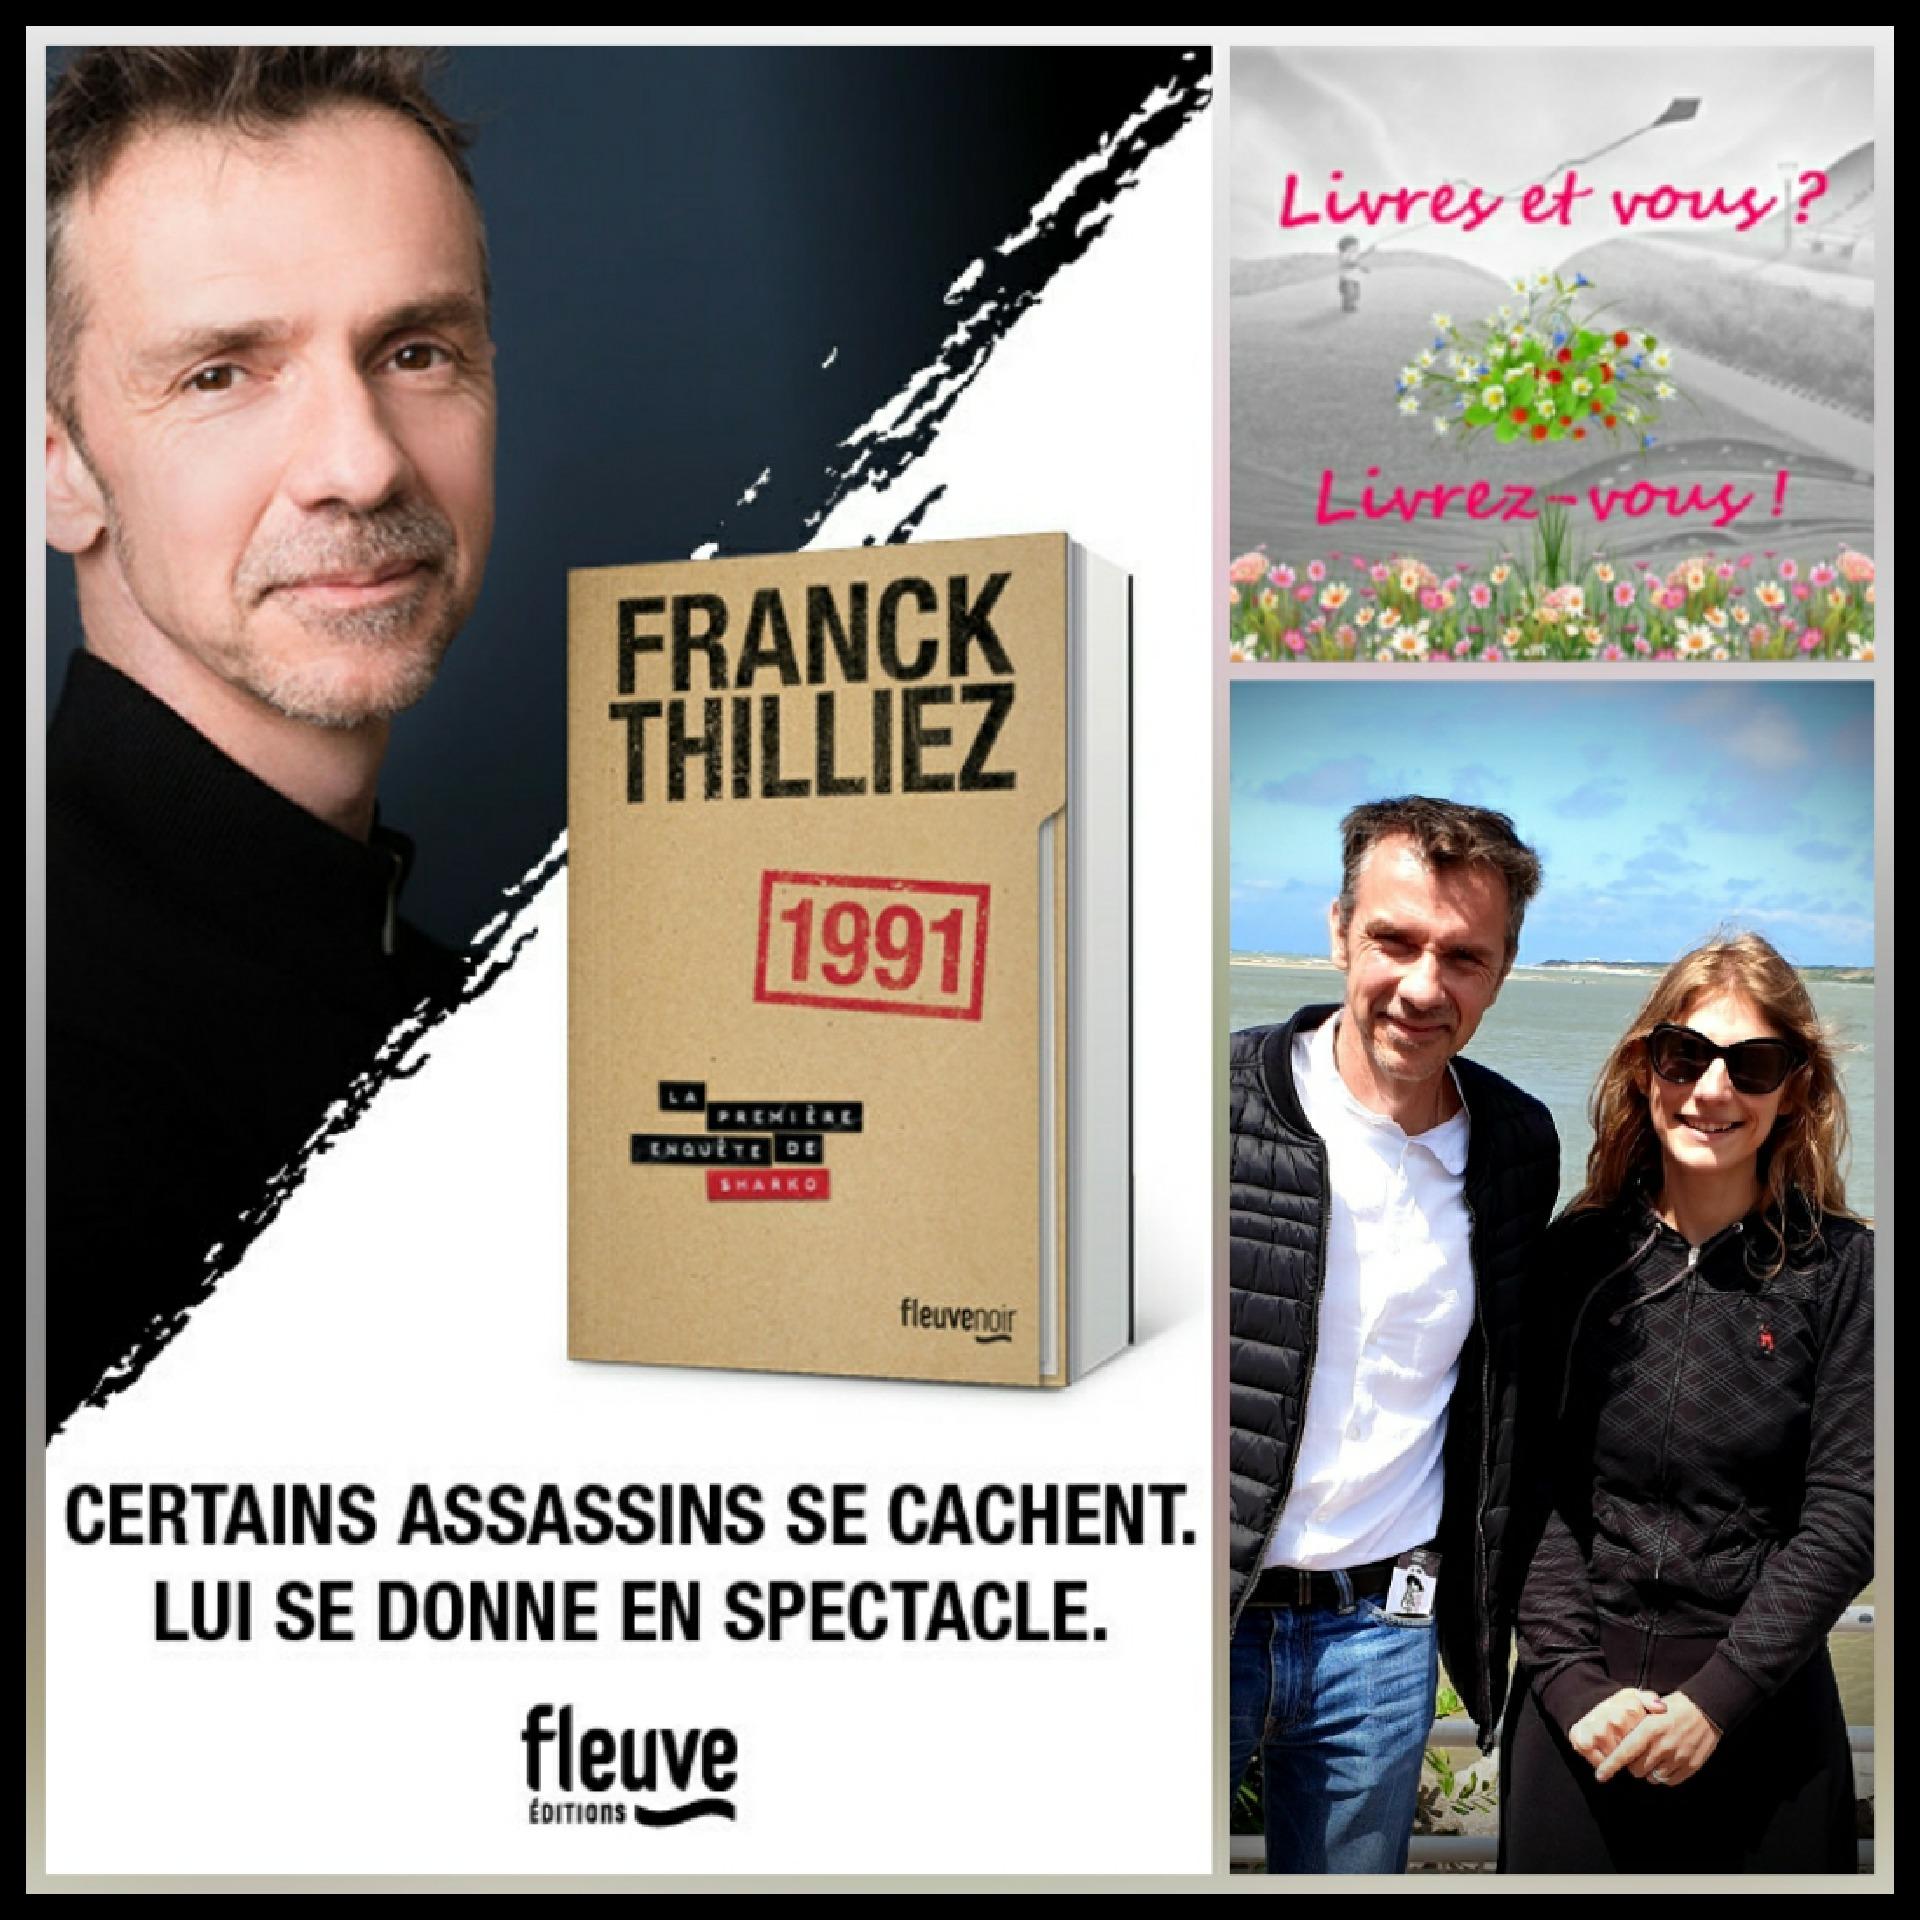 Livres et vous ? Livrez-vous… Avec Franck Thilliez !